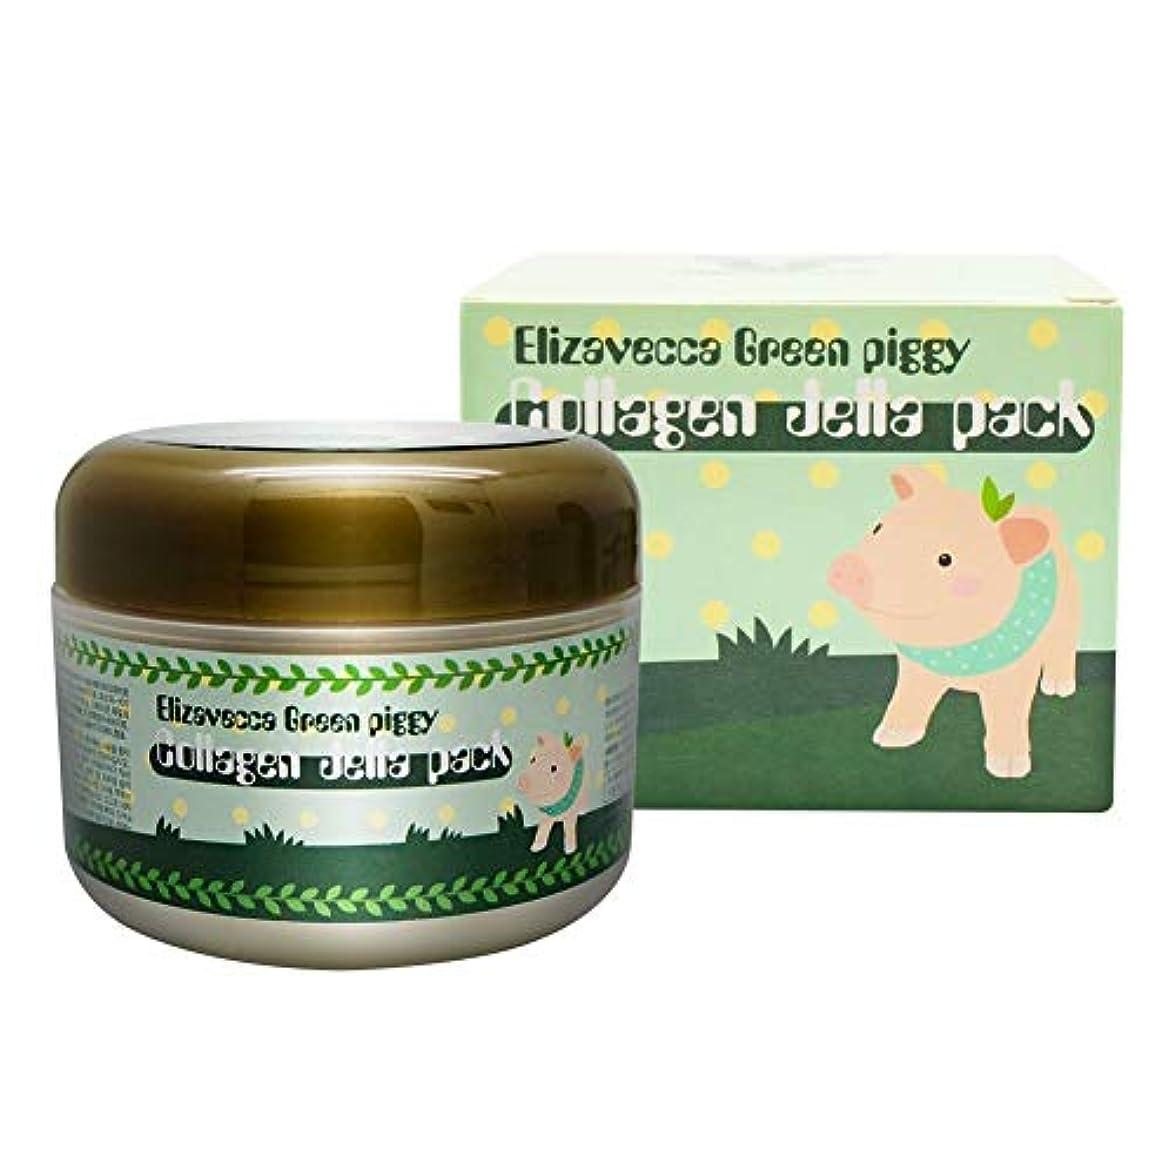 政府歴史ドラフトElizavecca Green Piggy Collagen Jella Pack pig mask 100g